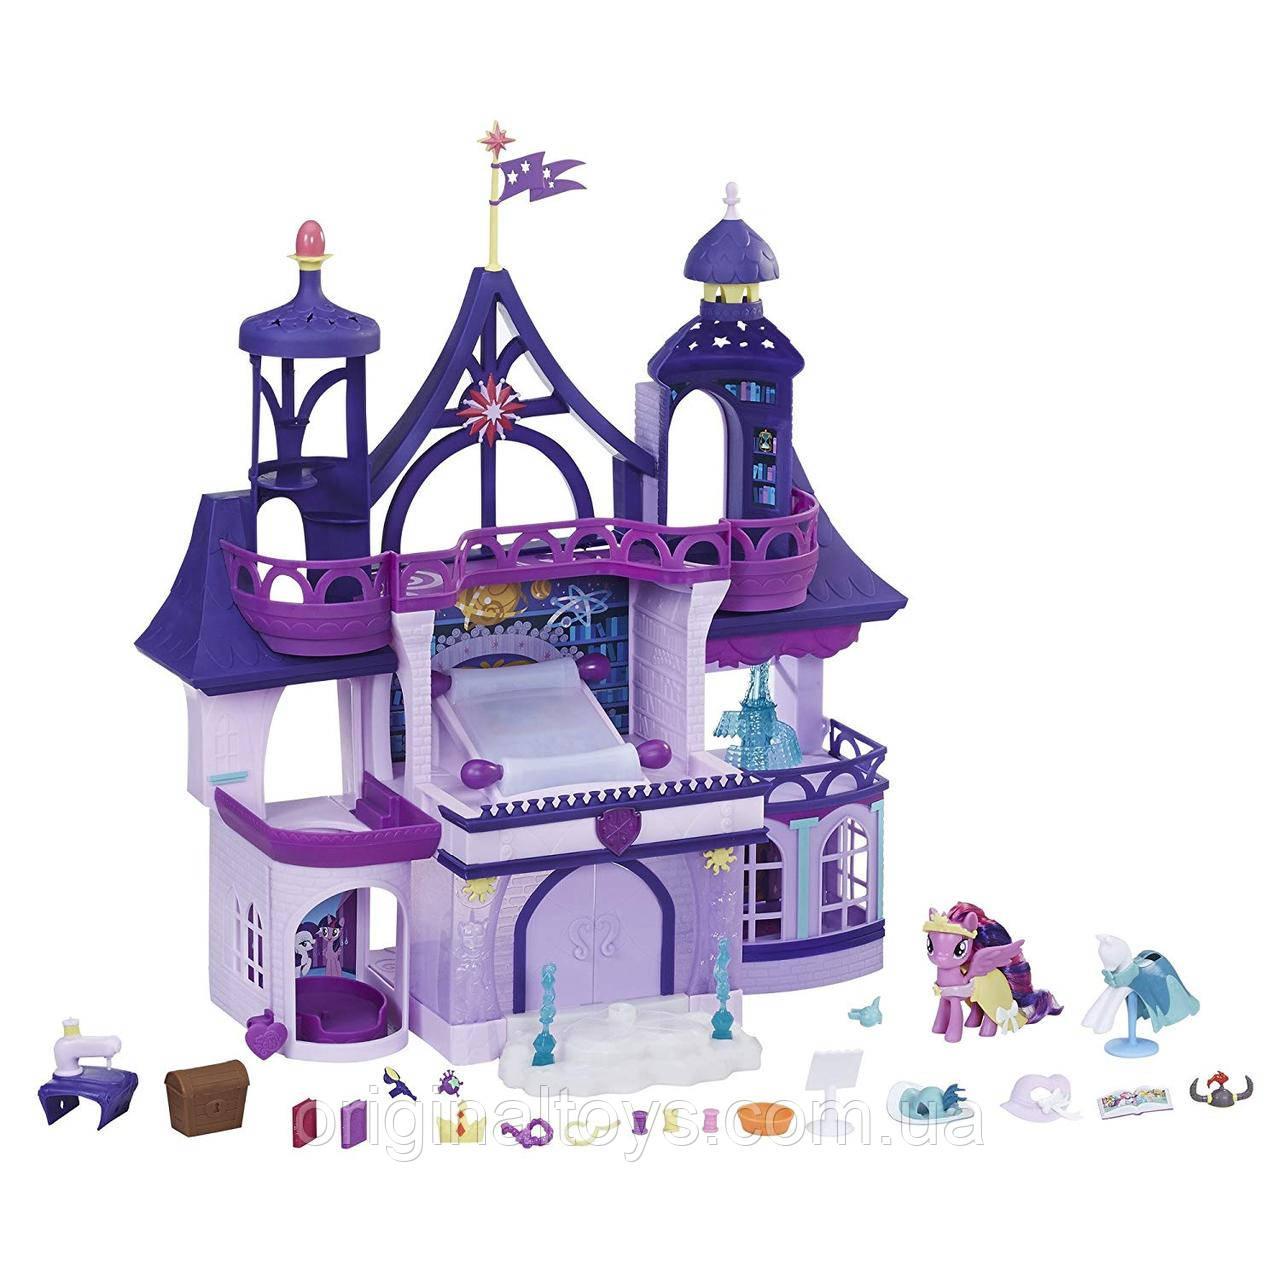 Набор Замок My Little Pony Magical School Твайлайт Спаркл Волшебная школа E1930